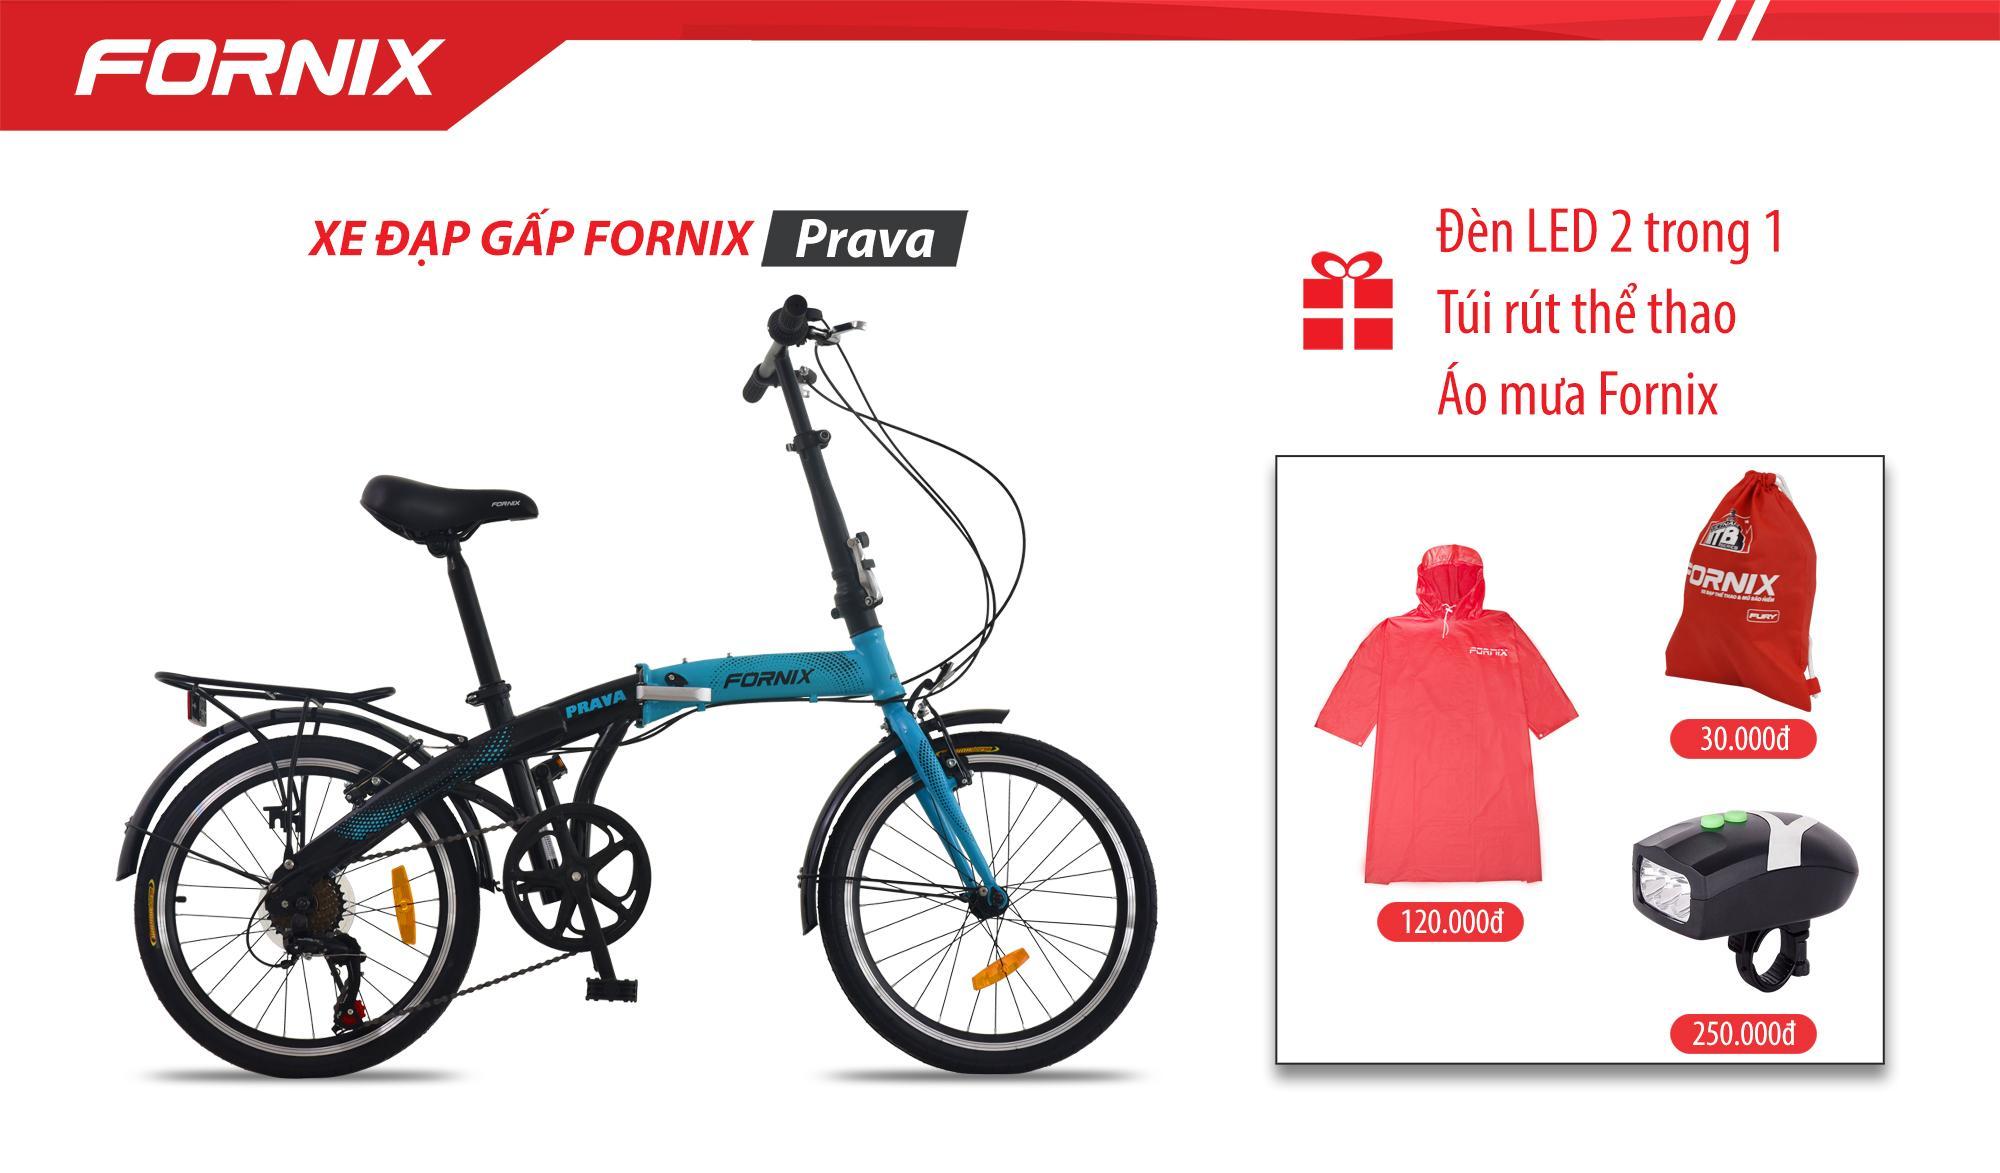 Mua Xe đạp gấp hiệu FORNIX, mã PRAVA (NEW) + (Gift) Đèn 2 in 1, túi Fornix, Áo mưa